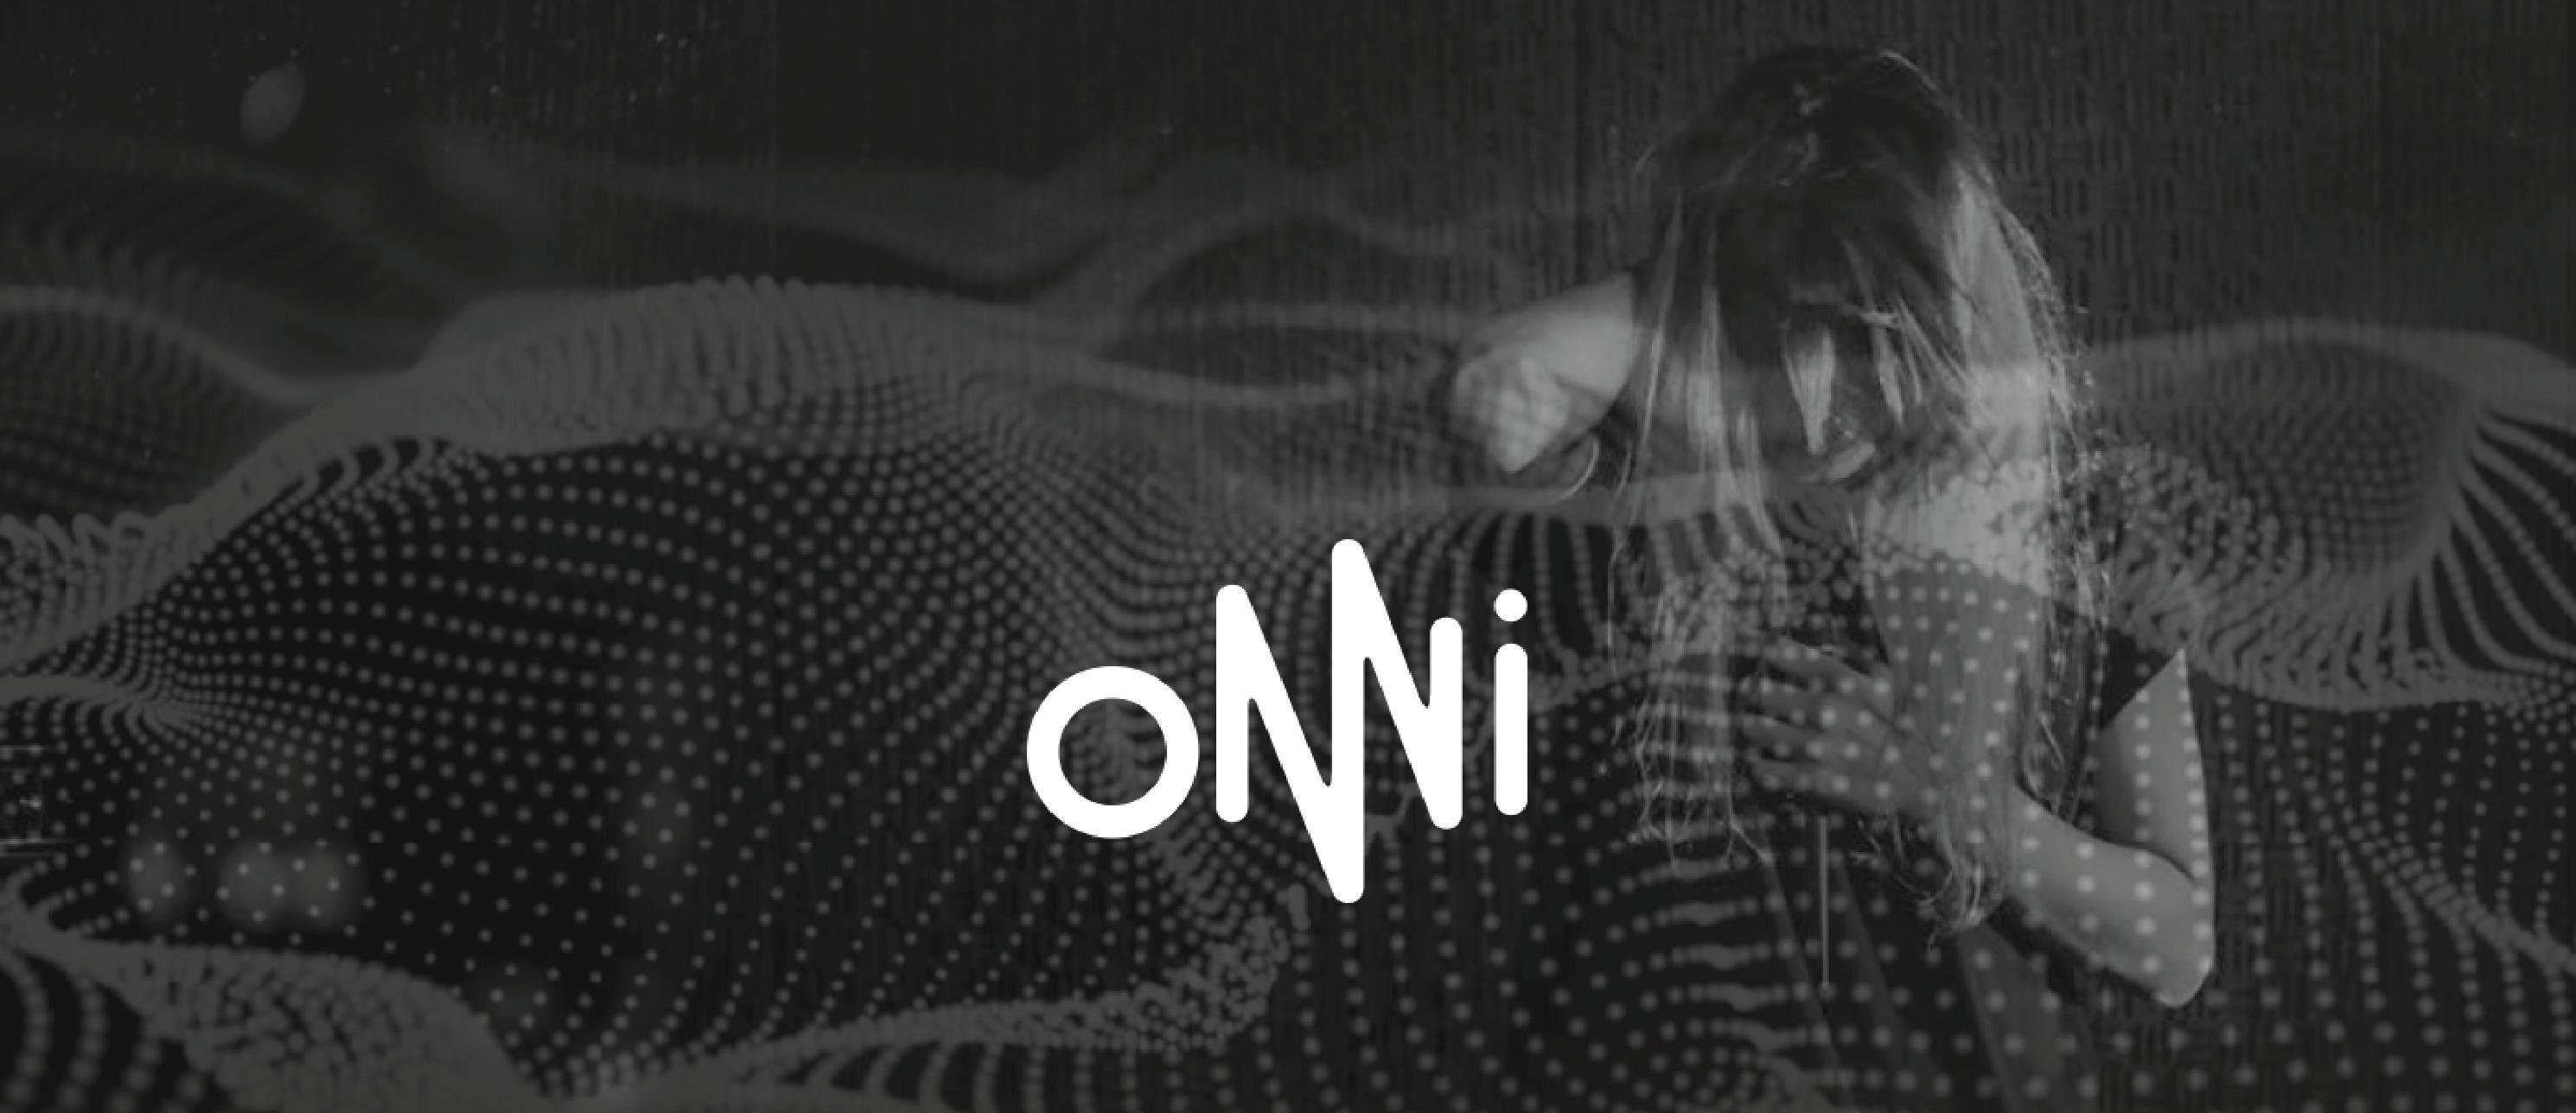 Design identidade Visual e APP Onni - Onni